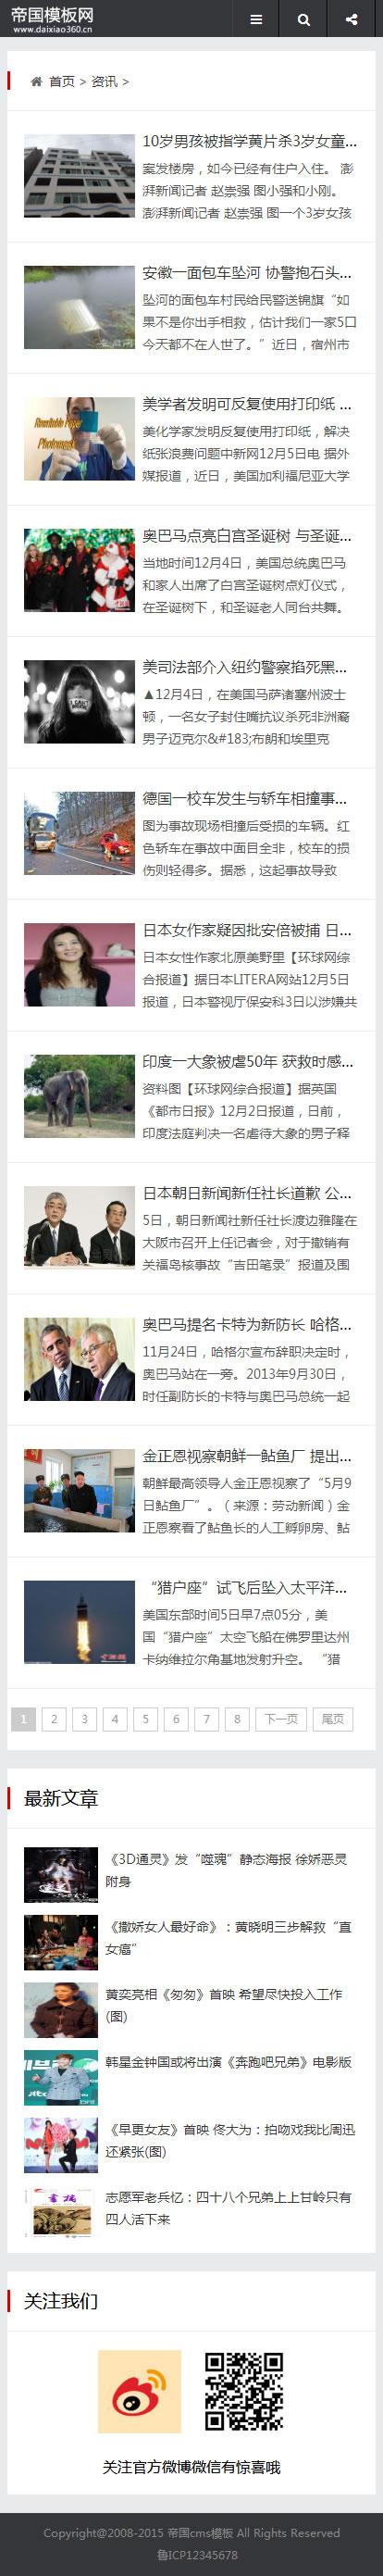 帝国cms黑色自适应博客新闻资讯类手机版模板_手机版栏目页模板